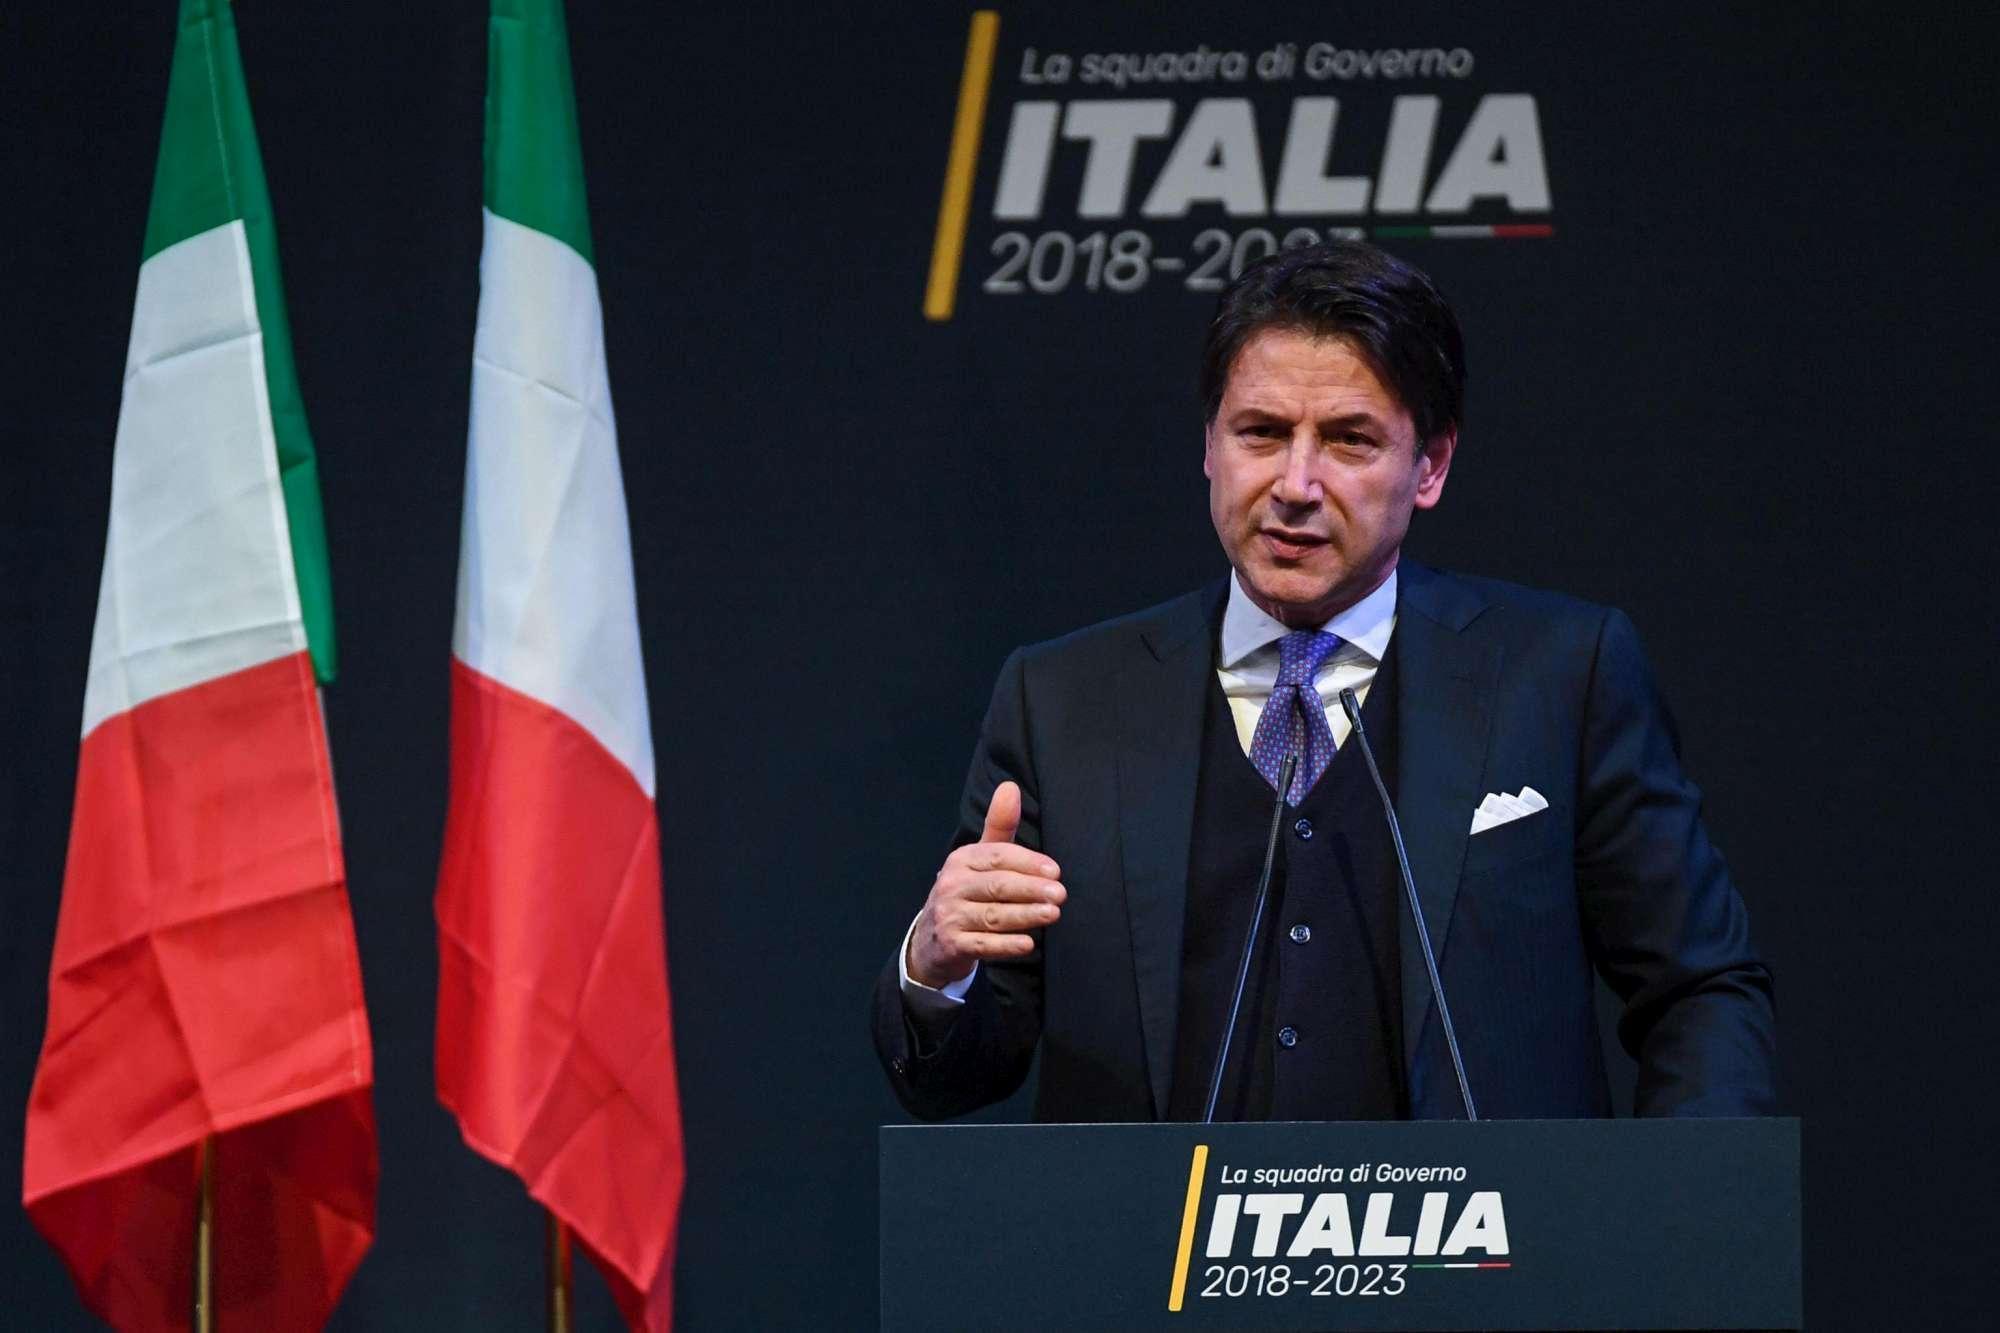 Giuseppe Conte premier, Di Maio al Lavoro, Viminale per Salvini: ecco le ultime novità del totoministri